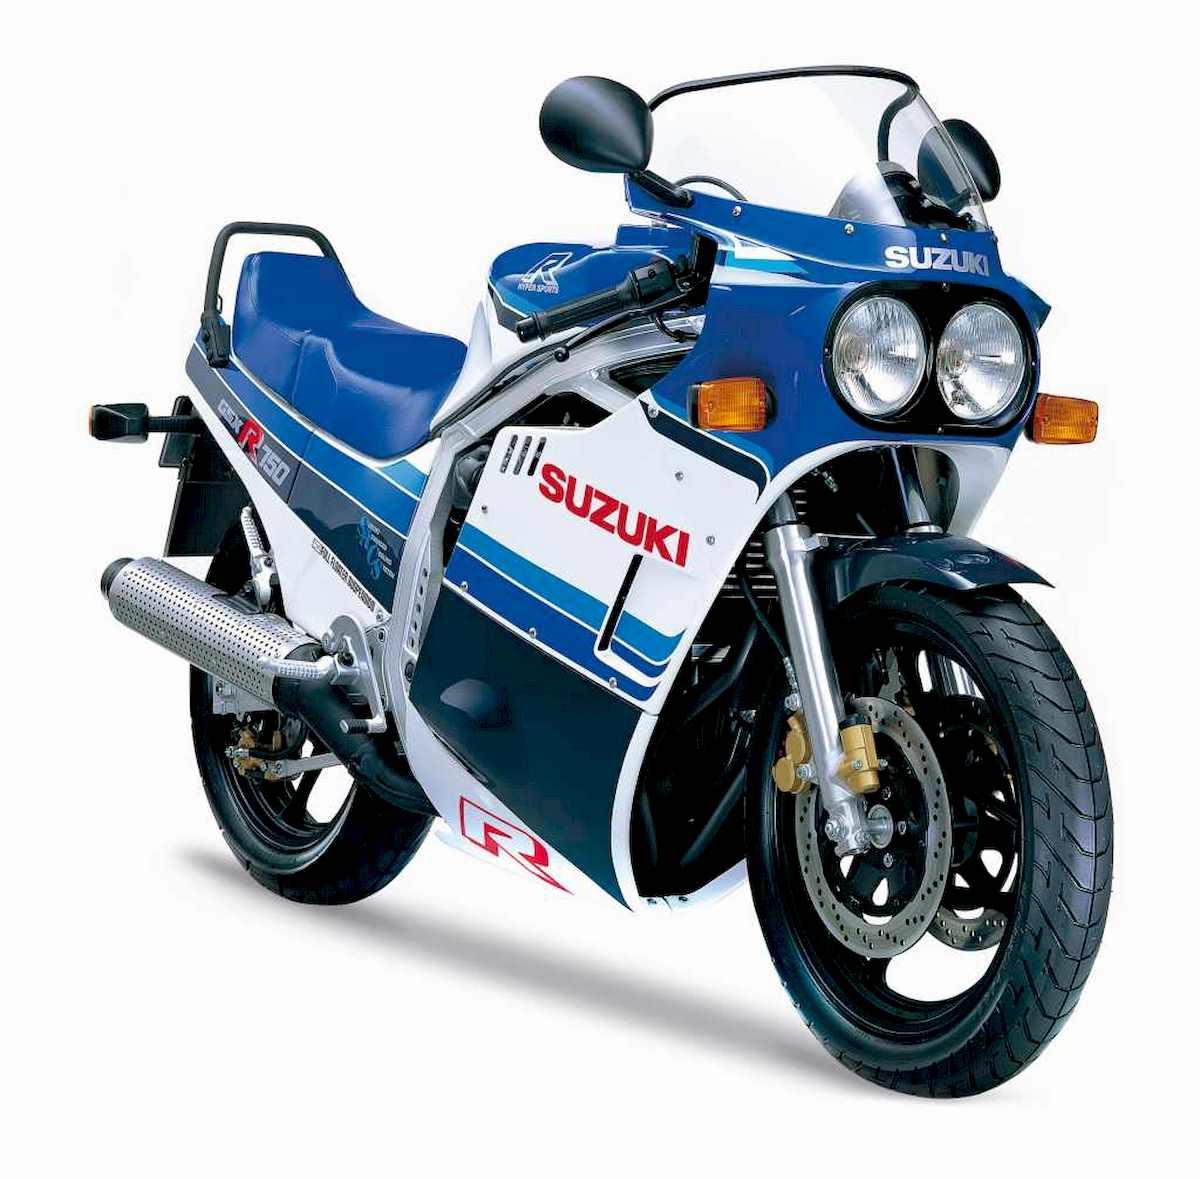 Image of SUZUKI GSX-R 750